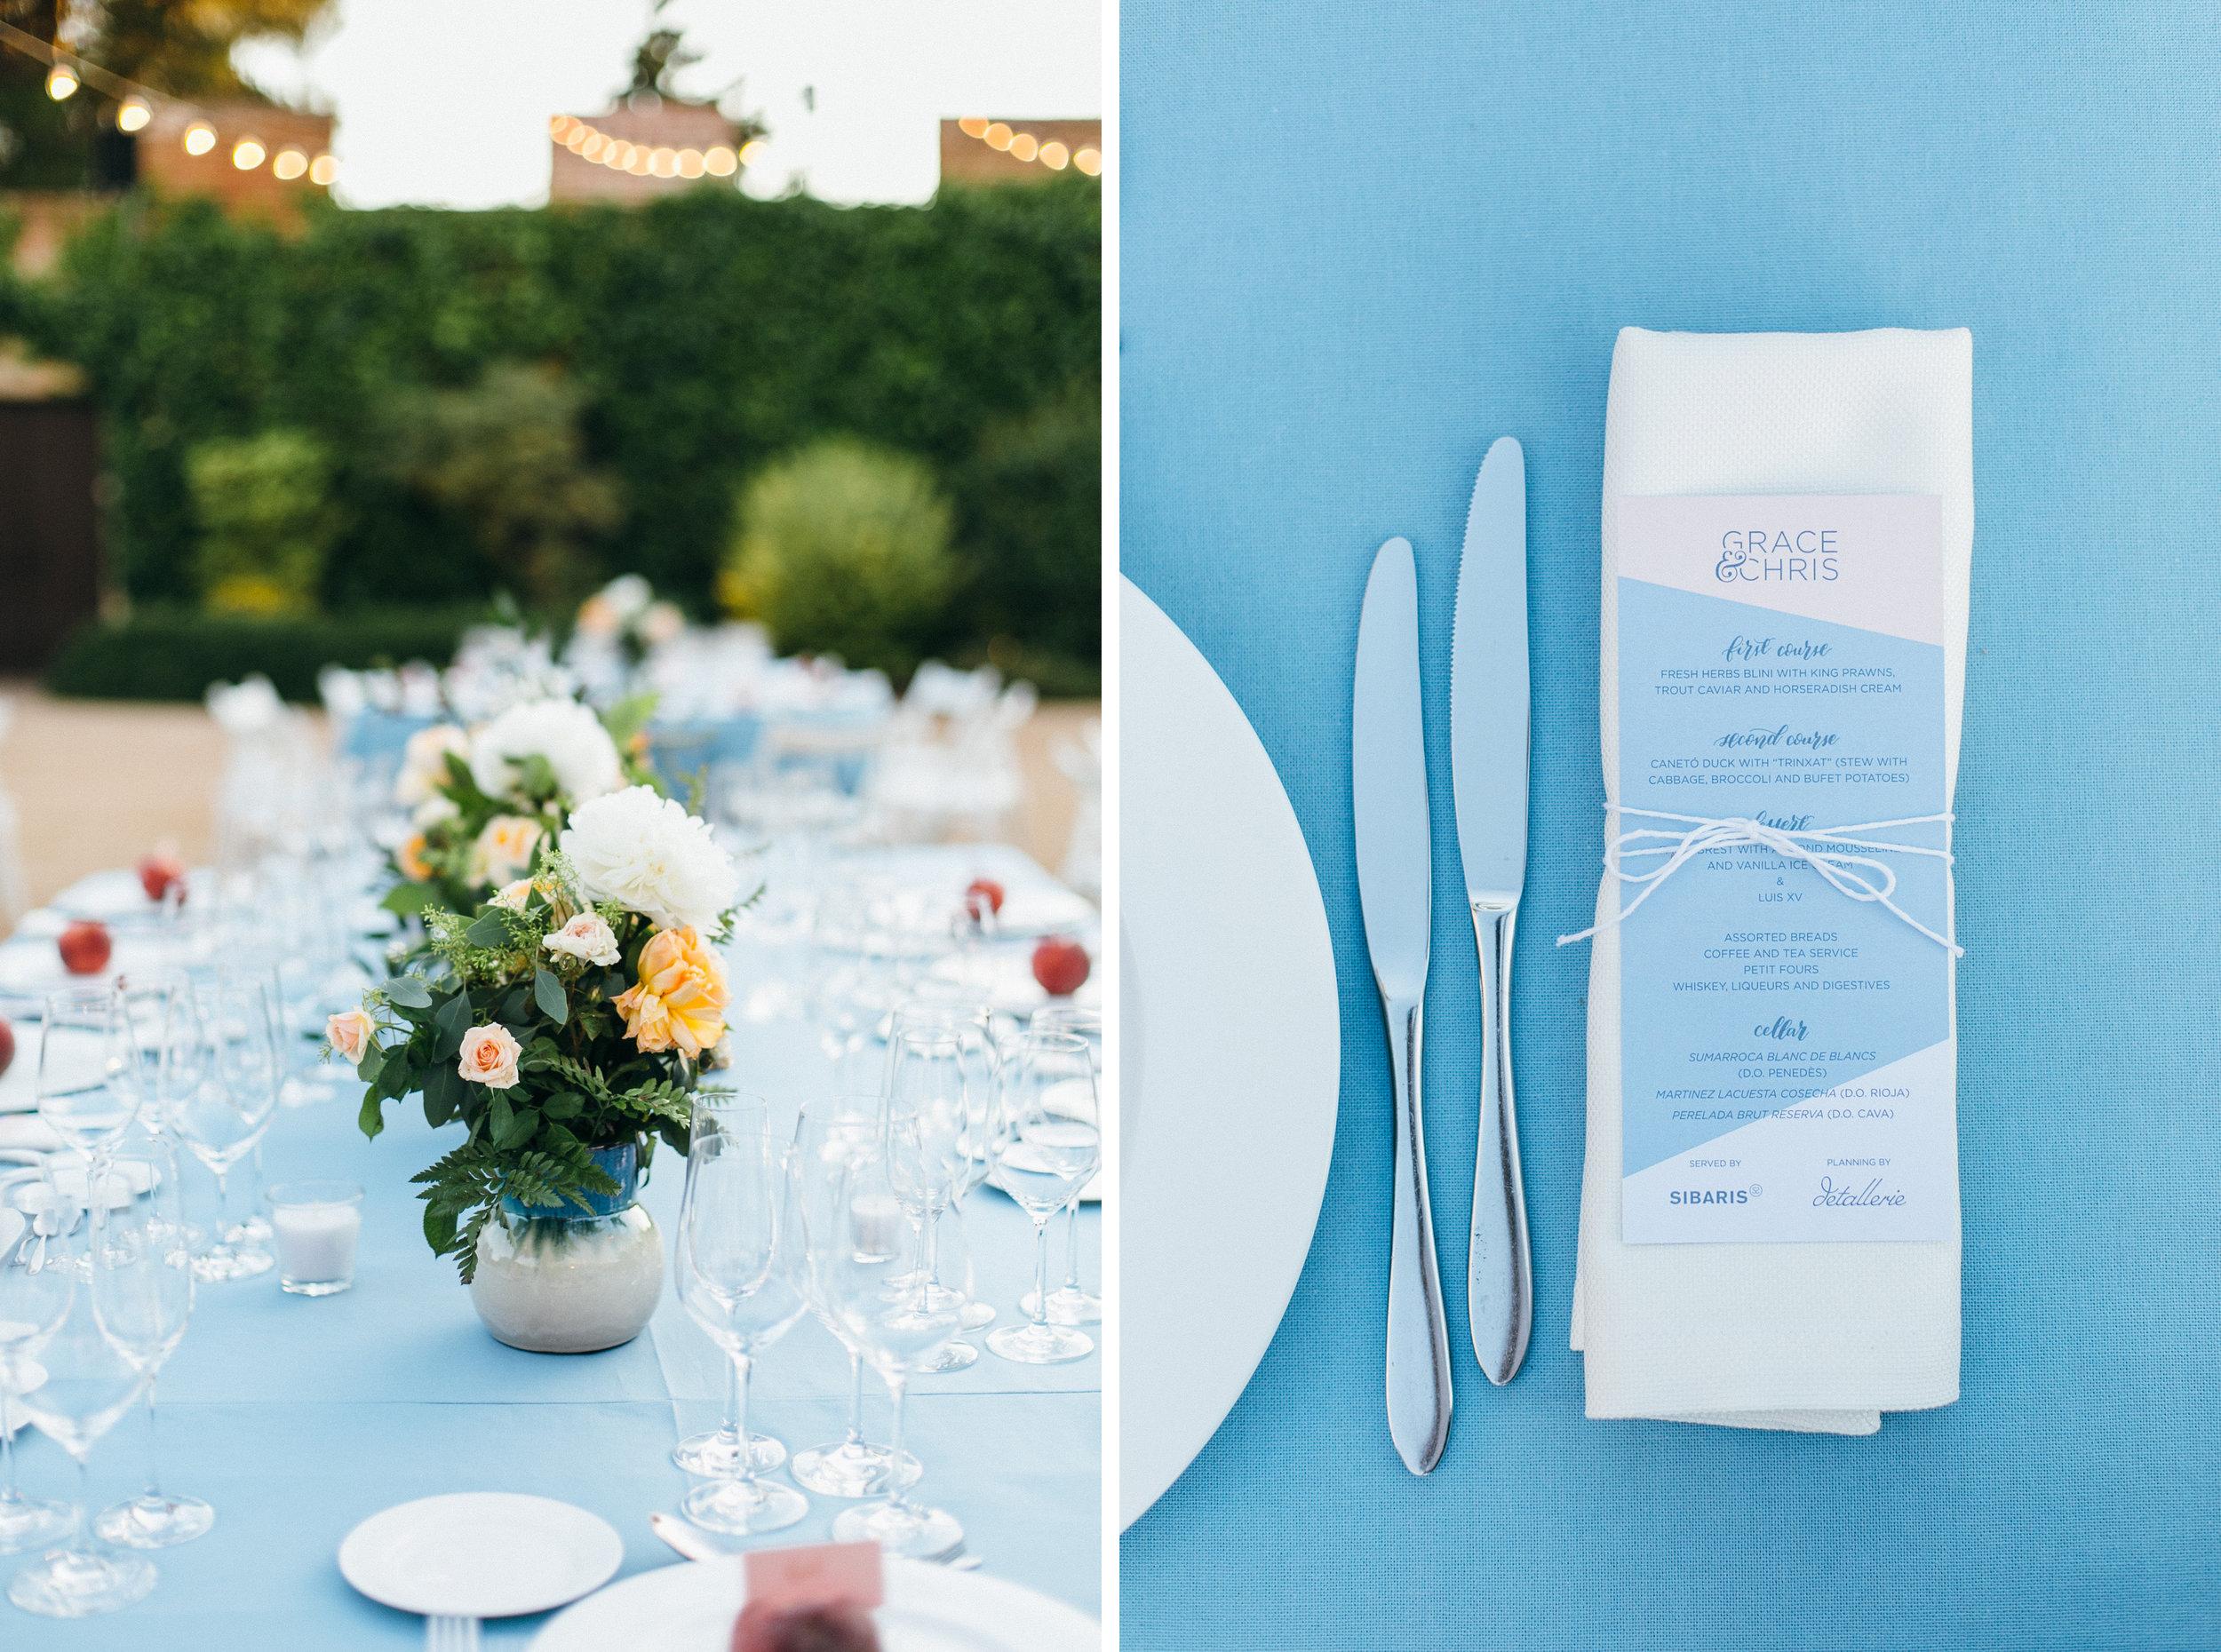 fotografos_boda_wedding_barcelona_valencia132copi.jpg